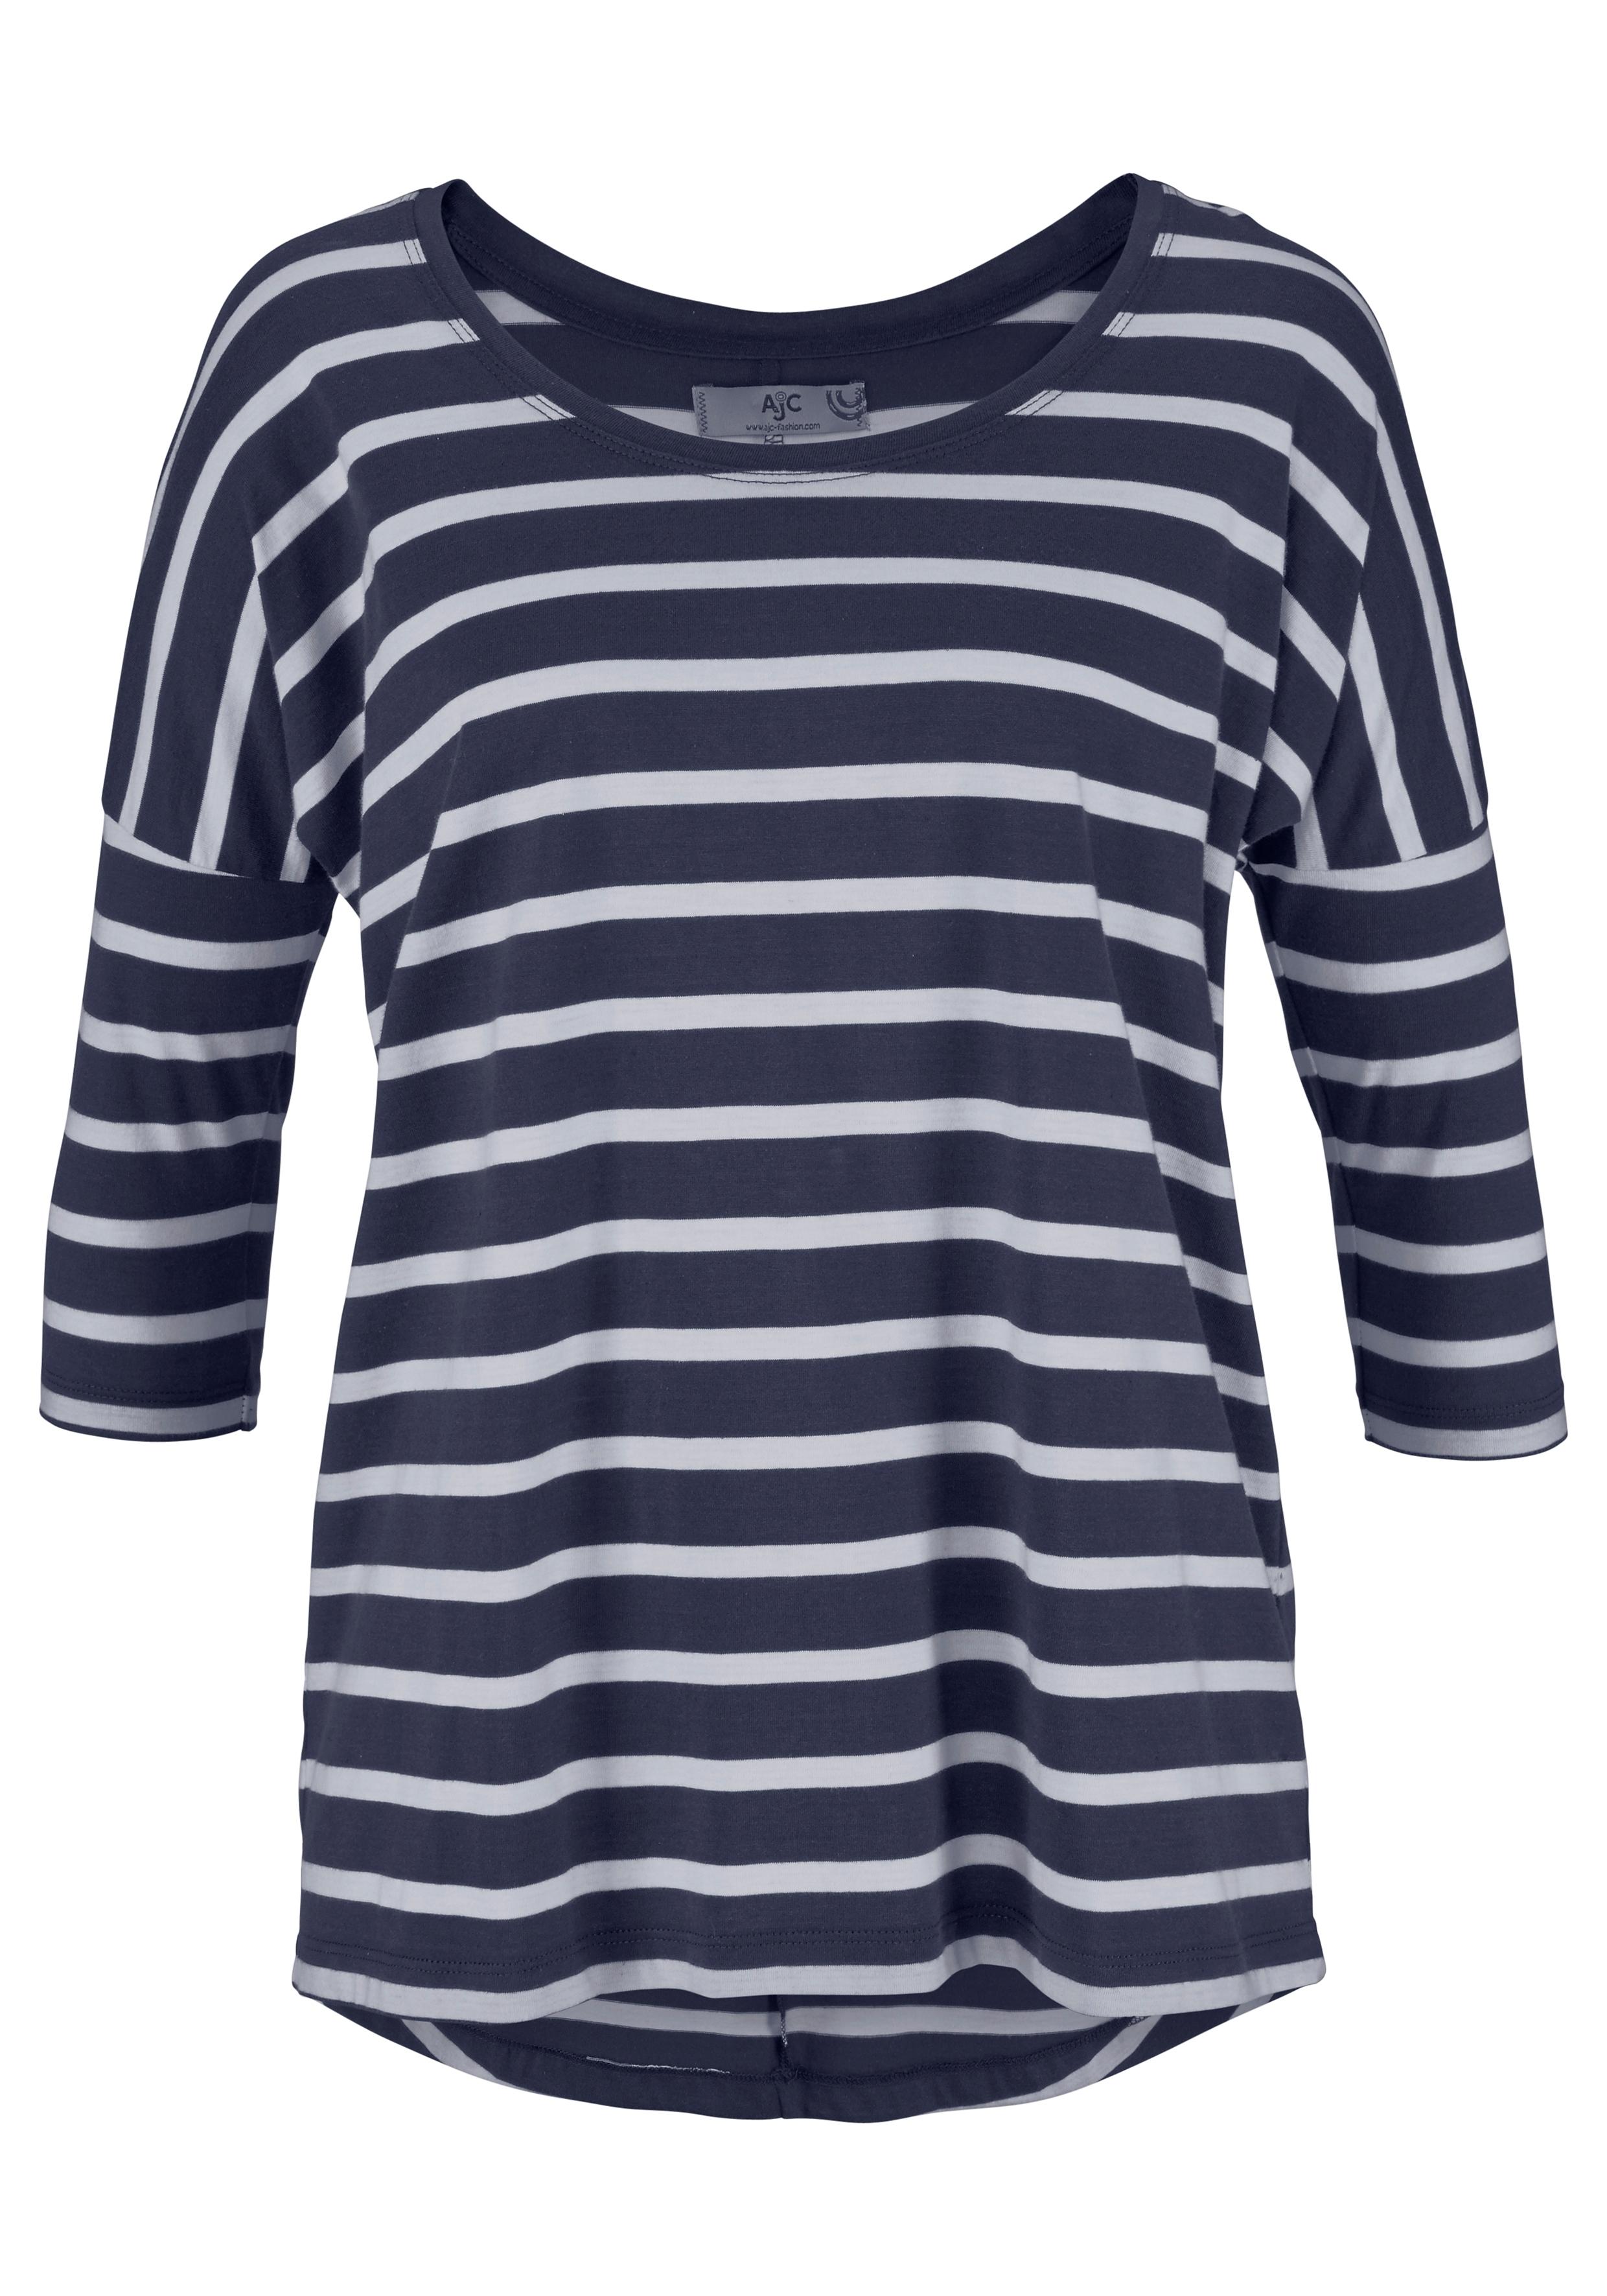 Ajc Shirt Strepen Met Online Shoppen 34RjLqc5A